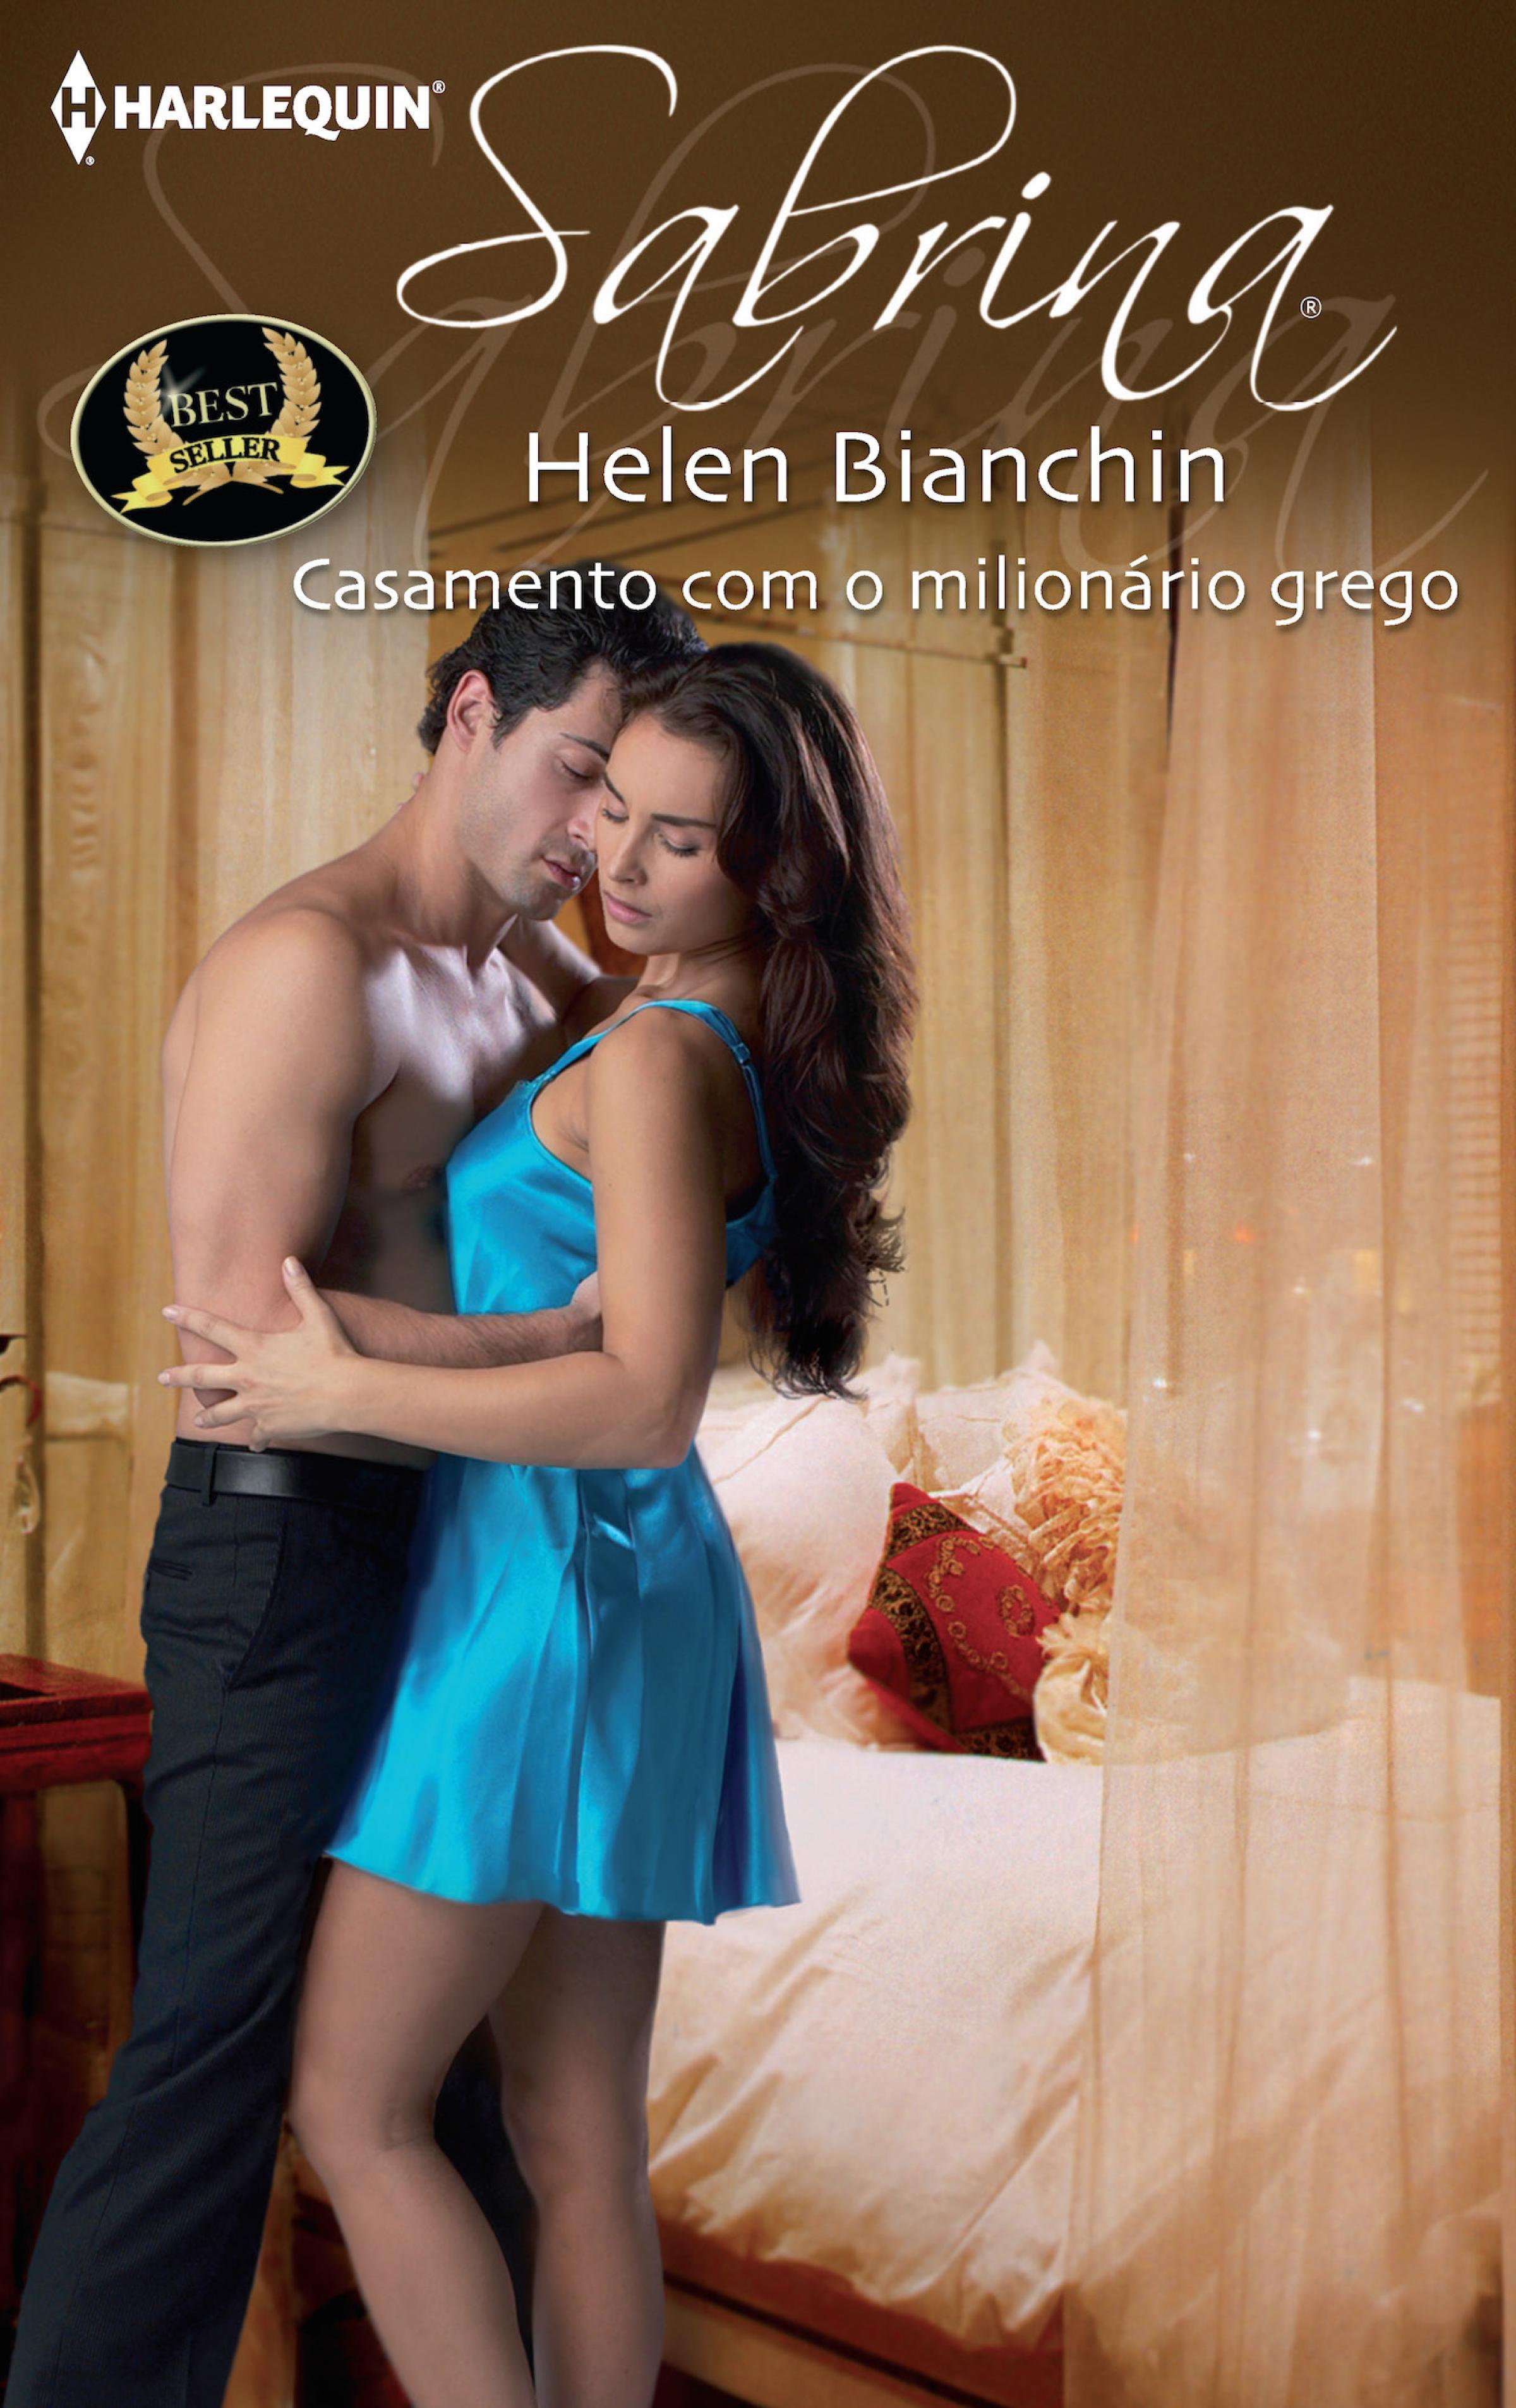 Helen Bianchin Casamento com o milionário grego helen bianchin the wedding ultimatum